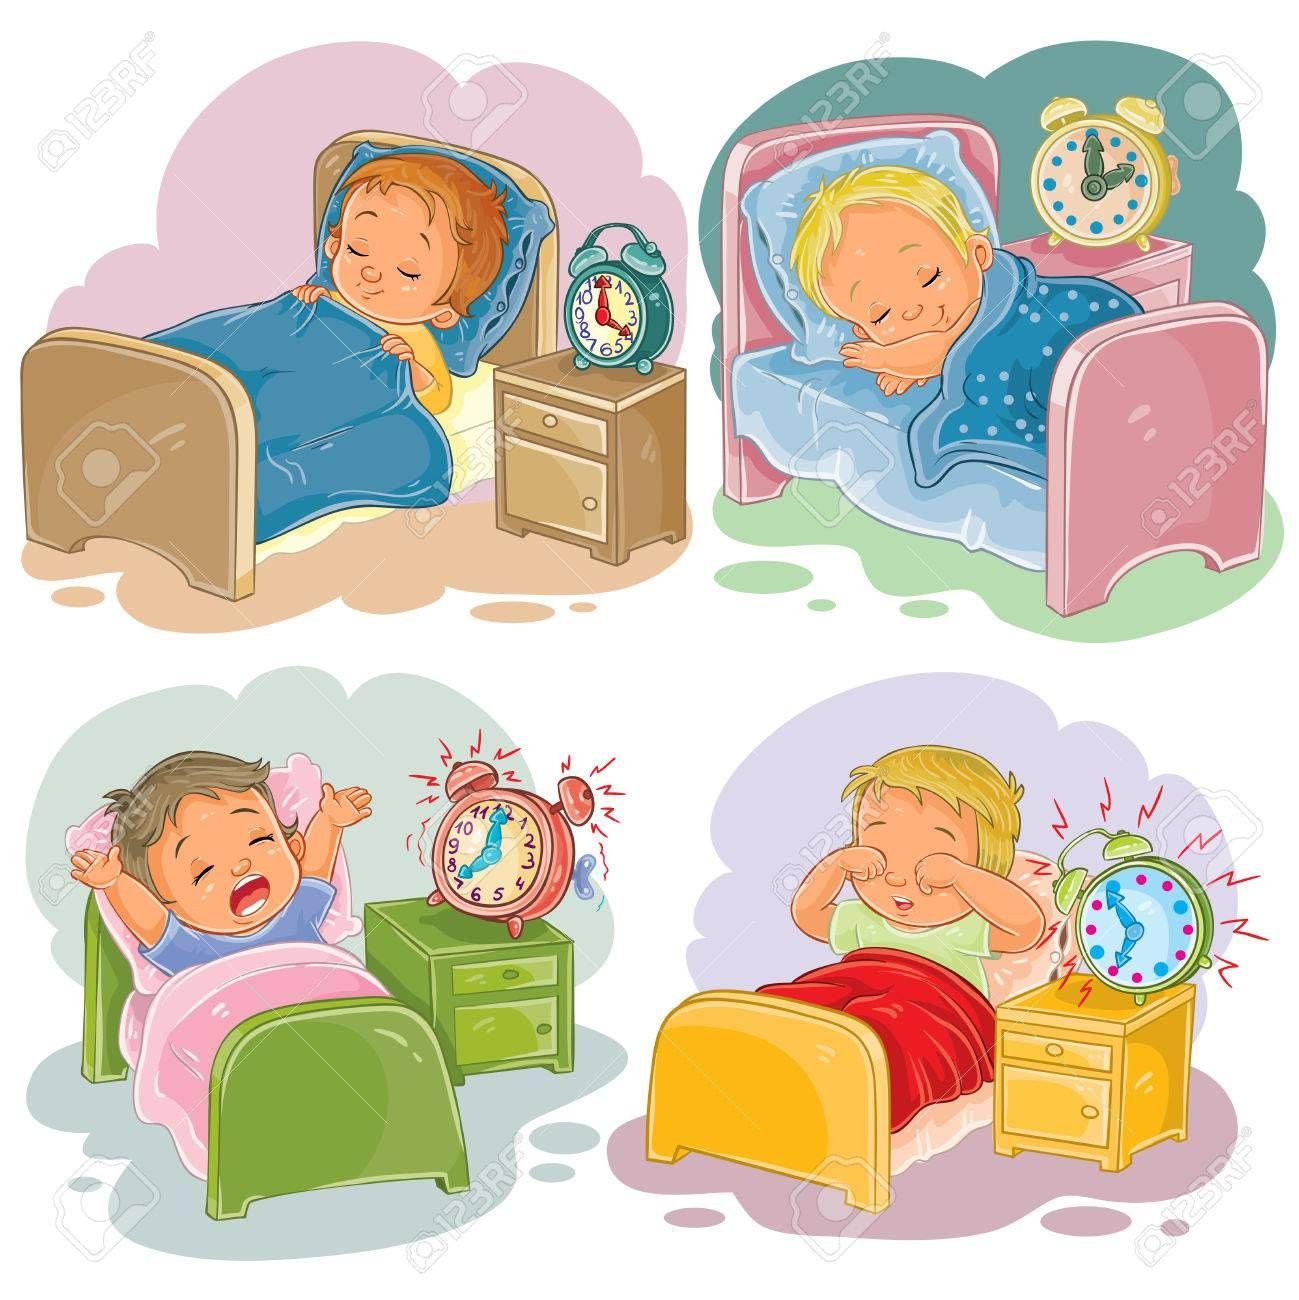 ほとんどのダウンロード フリー イラスト 赤ちゃん 寝てる赤ちゃん